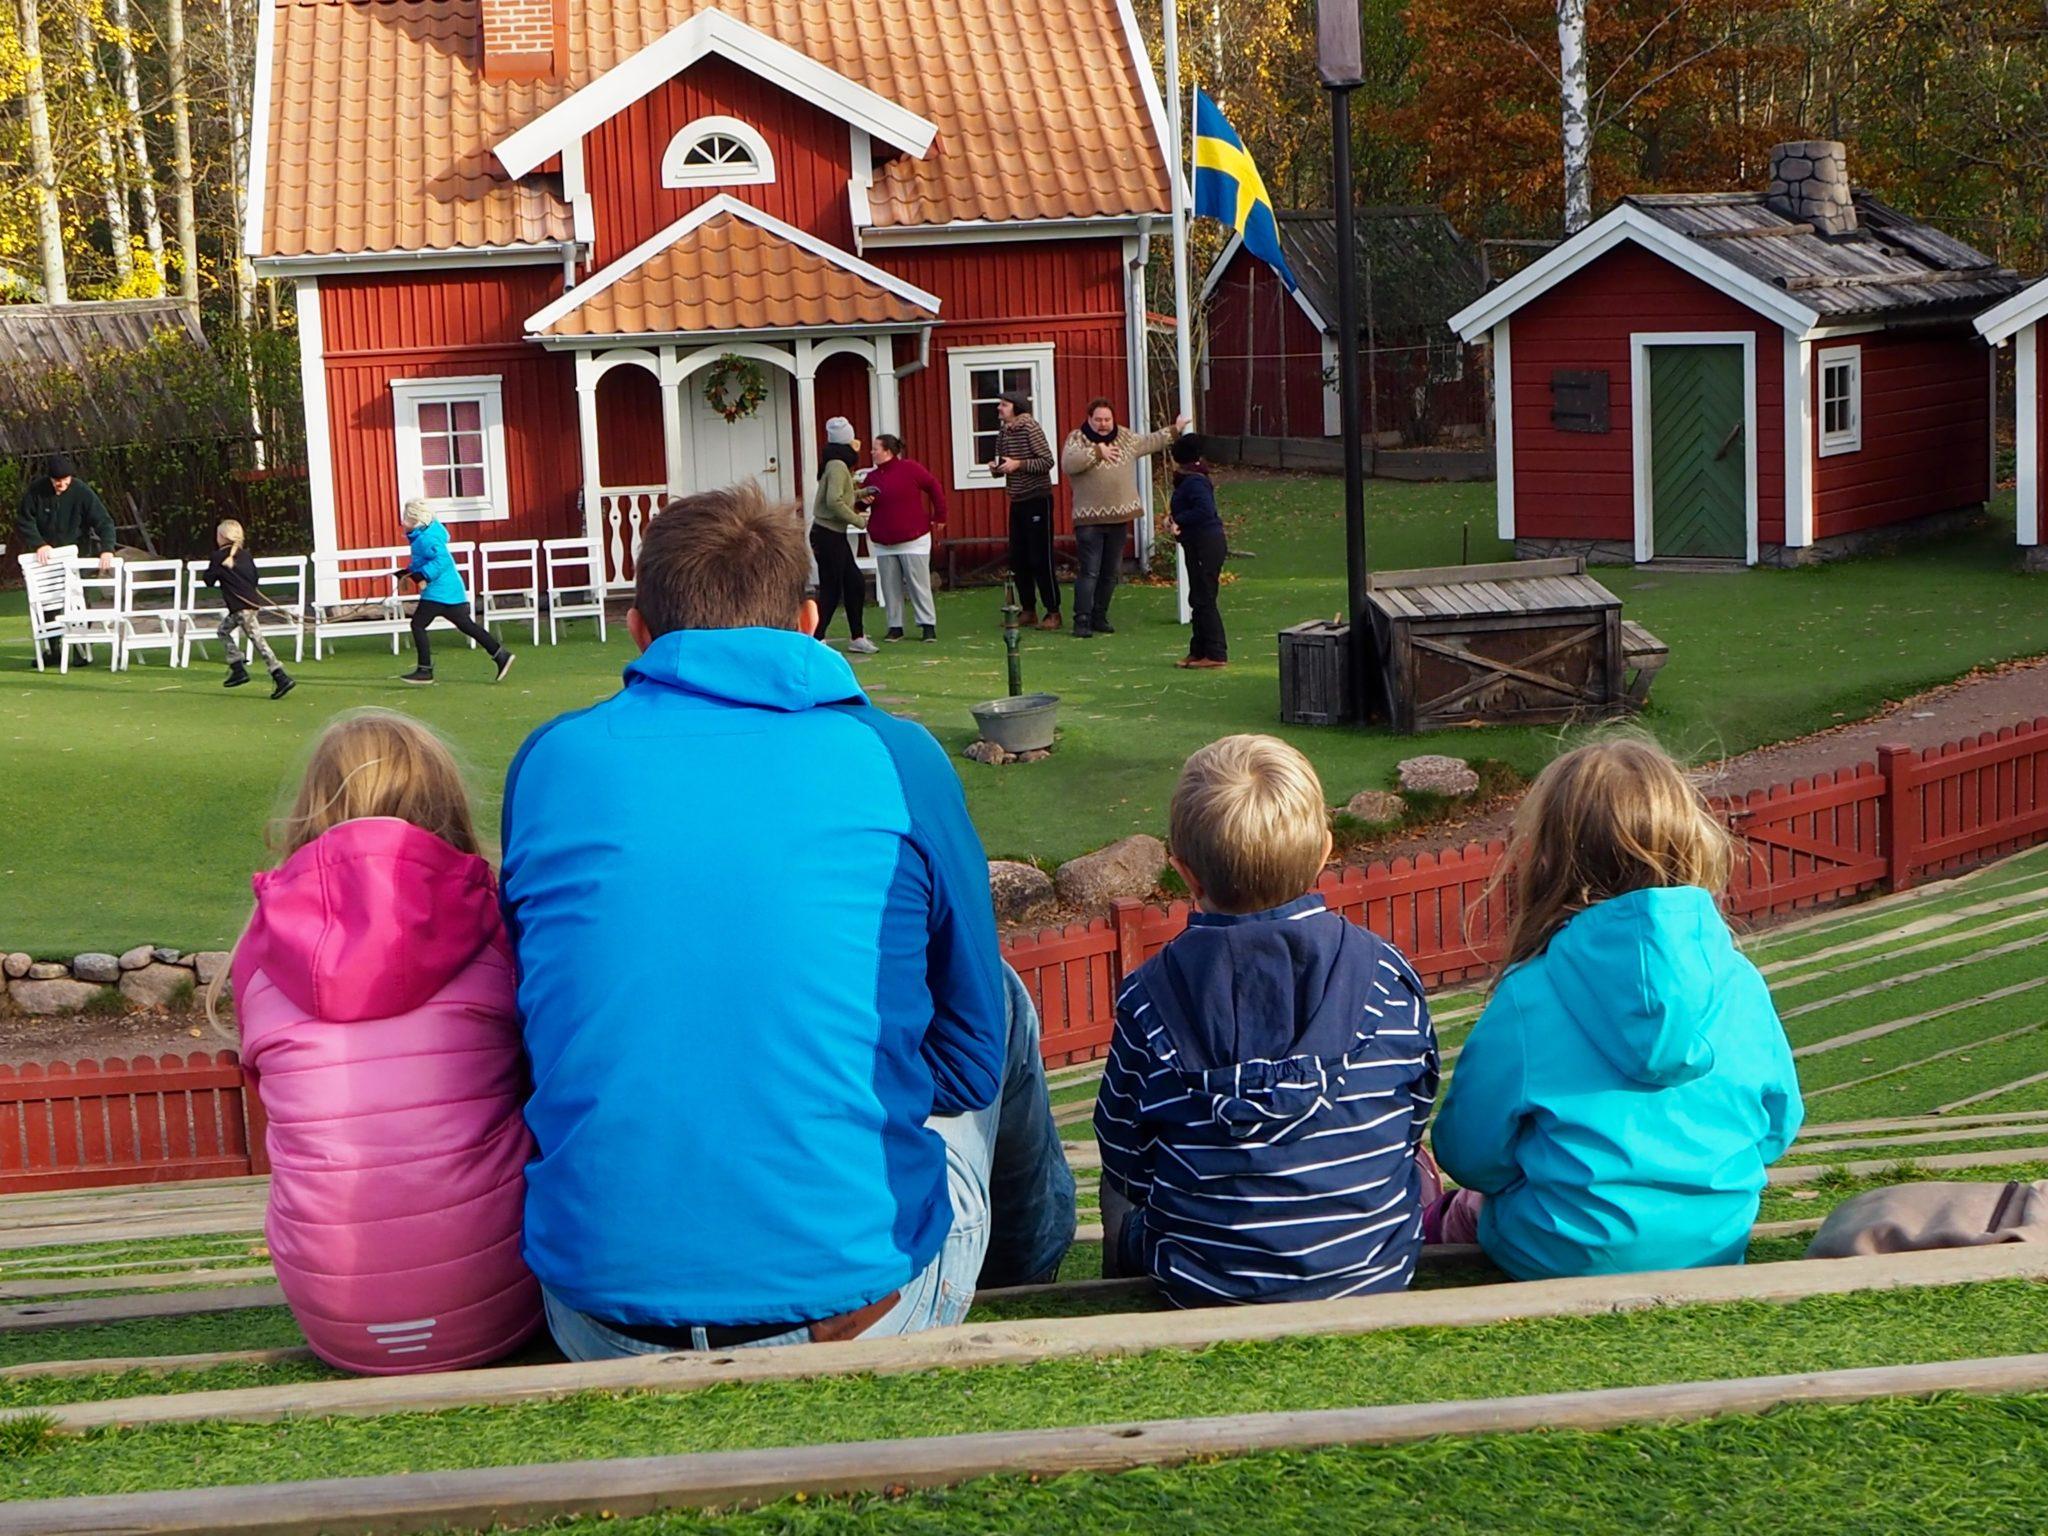 Astrid Lindgren Welt Katthult Schweden Smaland Michel Lönneberga Vimmerby Familienurlaub reisen mit Kindern